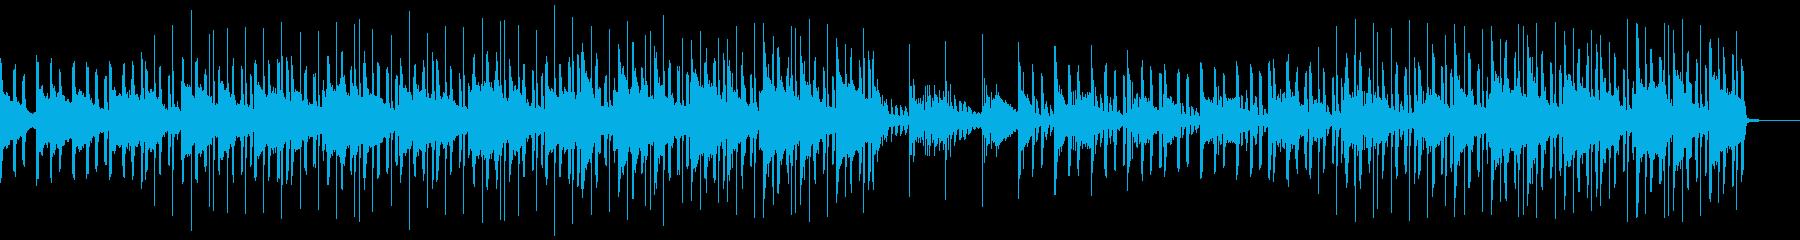 大人でチルな雰囲気のLoFiHihopの再生済みの波形